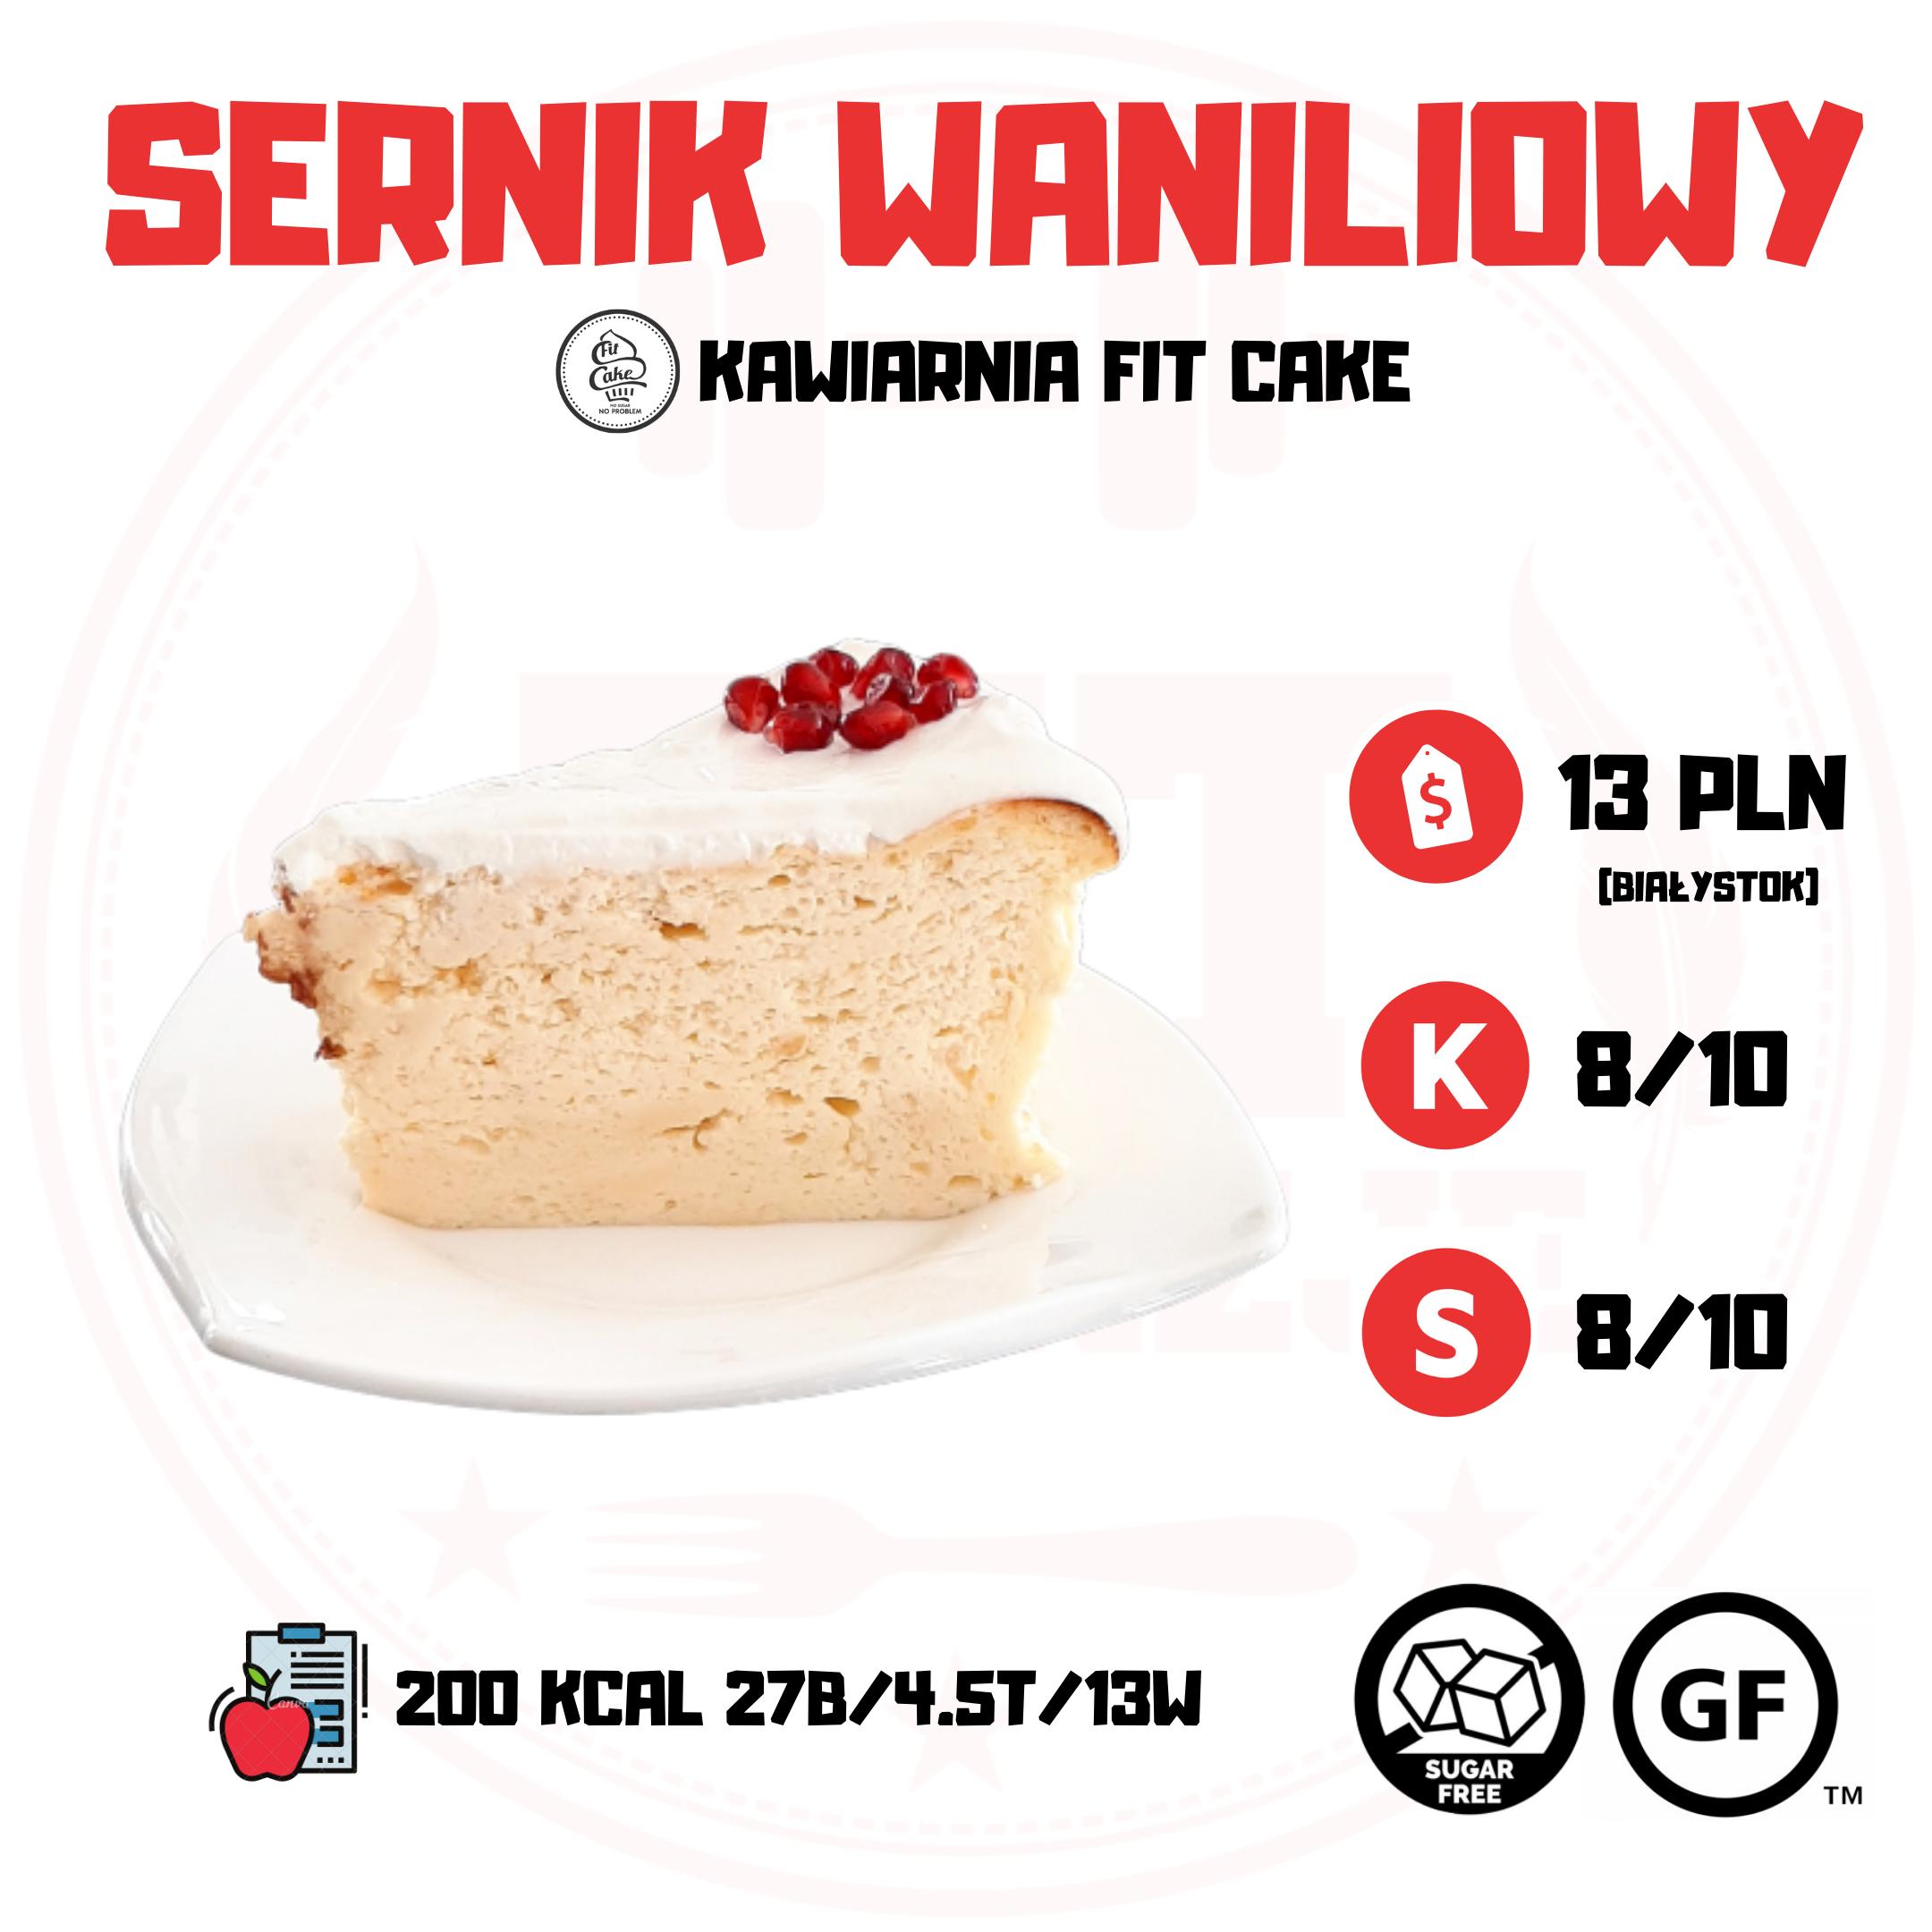 FIT CAKE SERNIK WANILIOWY